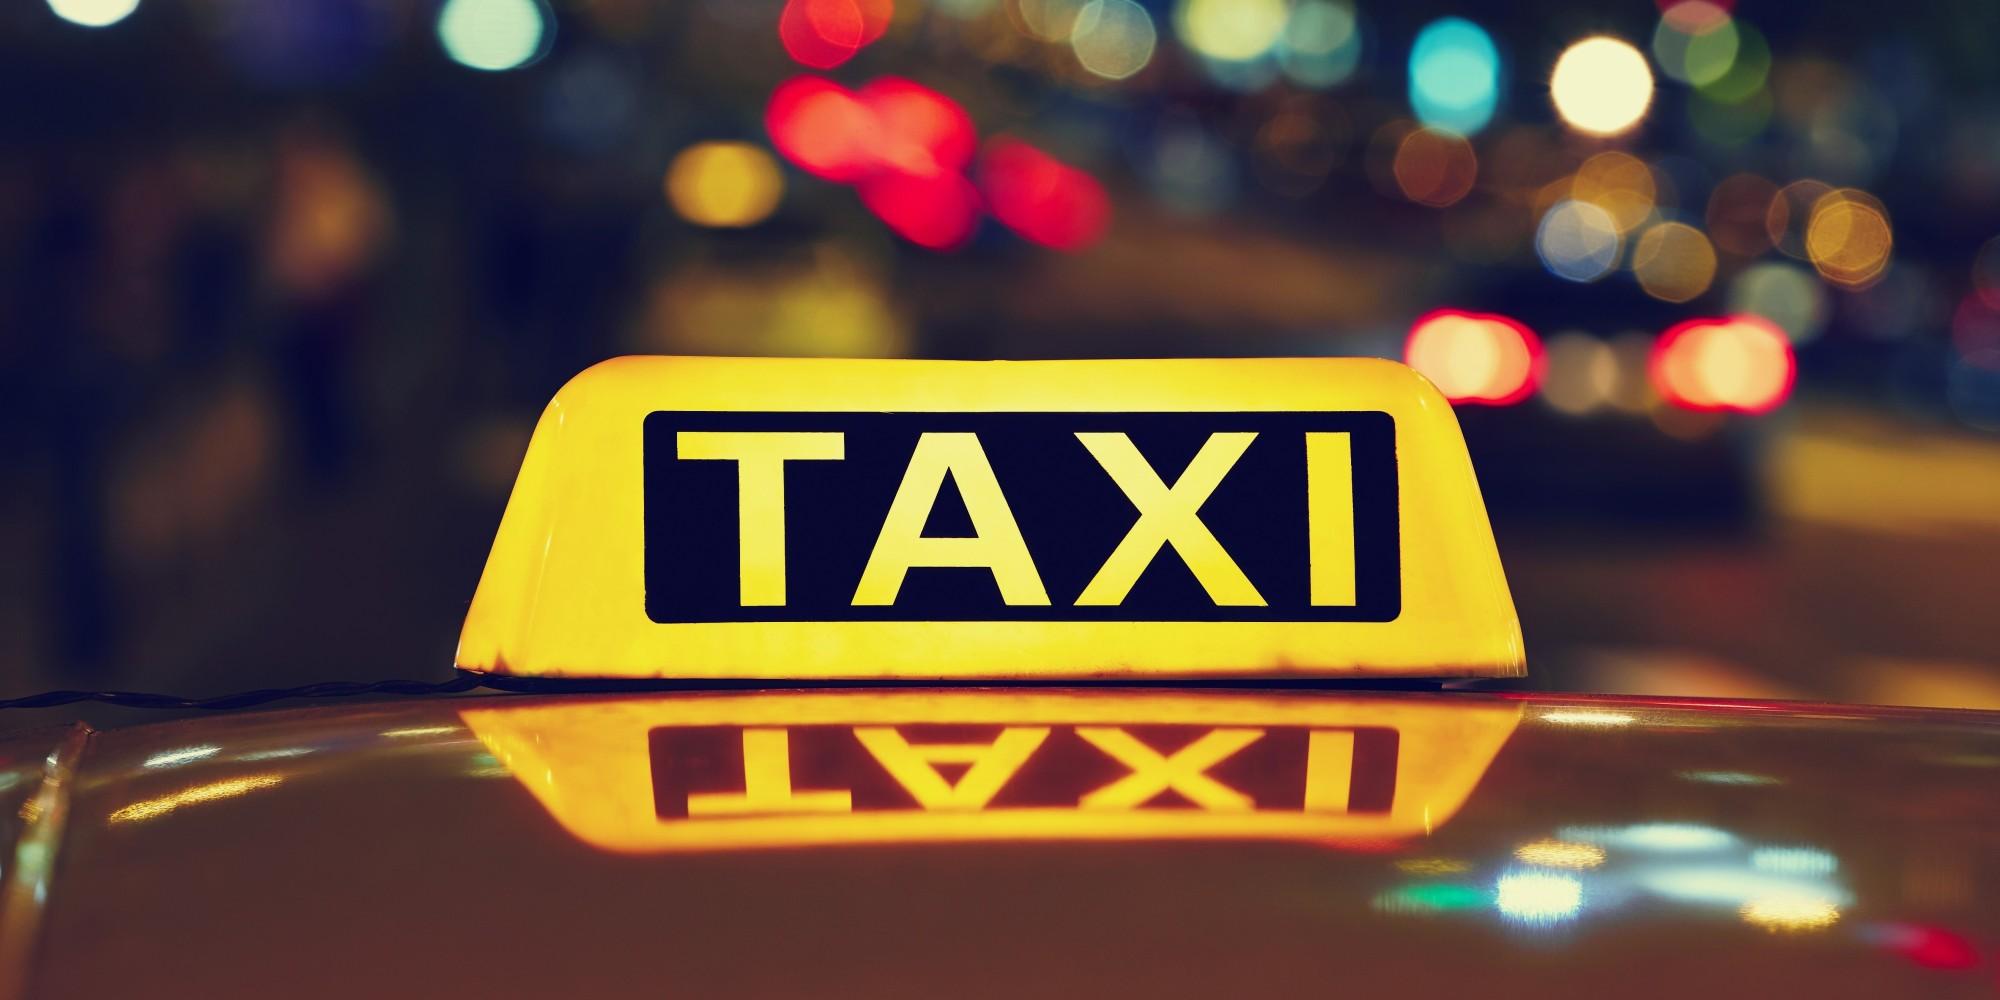 Taxi Canet66 - Taxi Perpignan gare et Aeroport Taxi 24h/24 et 7j/7 - Agora Taxi